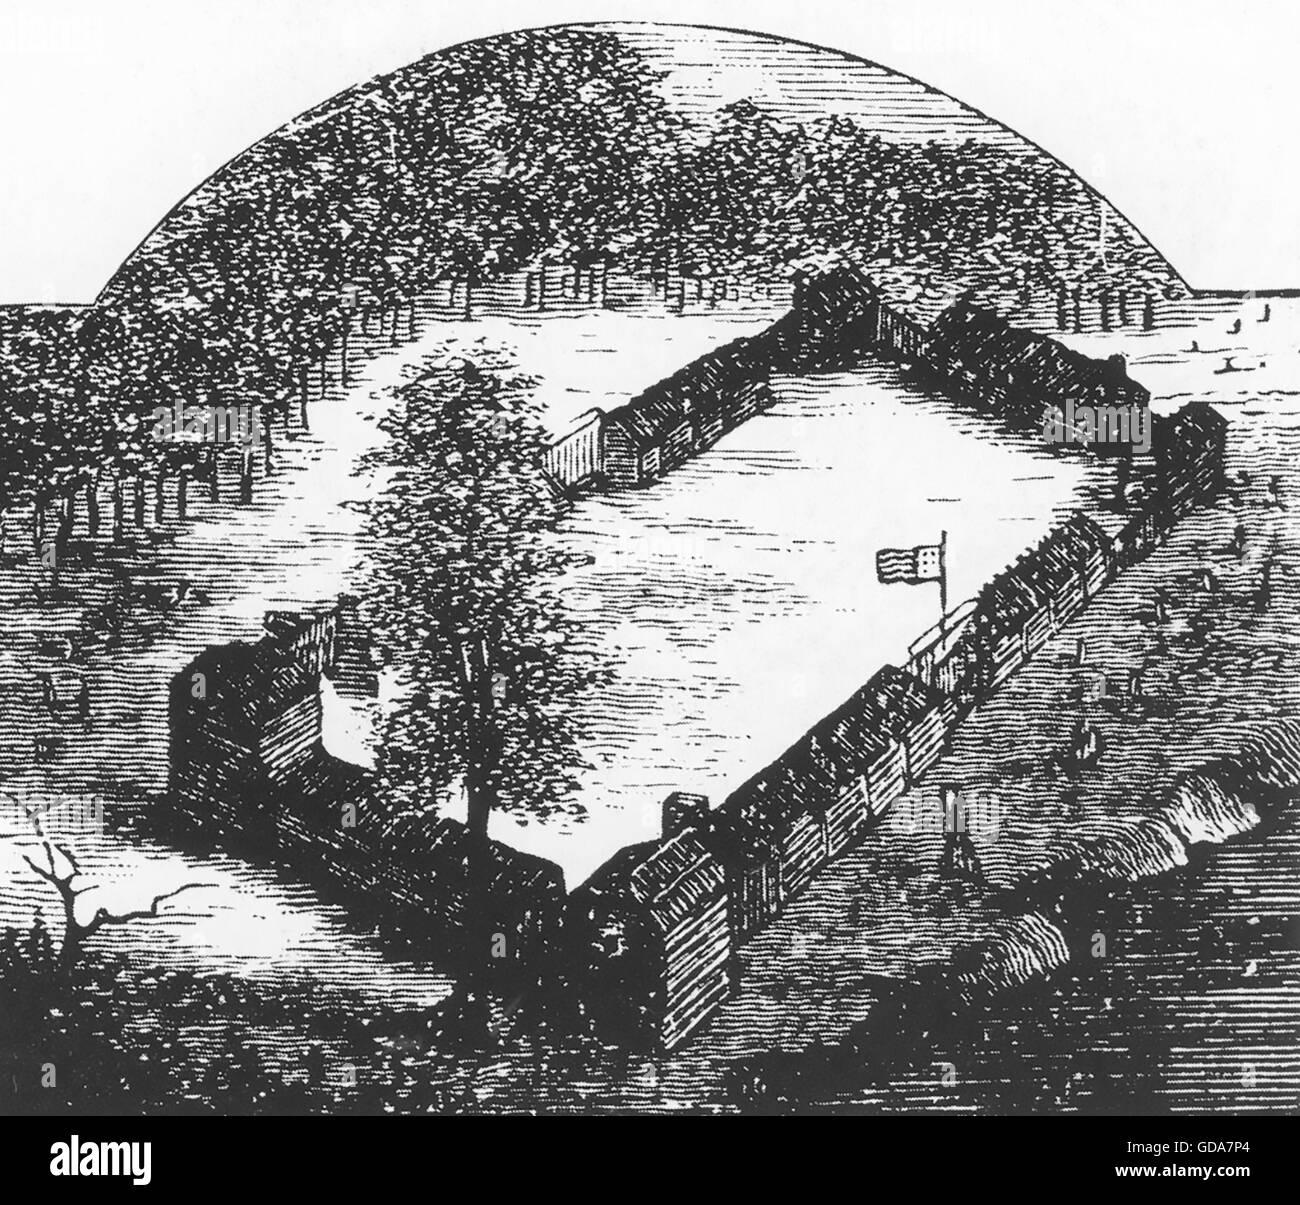 DANIEL BOONE (1734-1820) American frontiersman e uomo politico fondato il stockade insediamento di Bonnesborough Immagini Stock